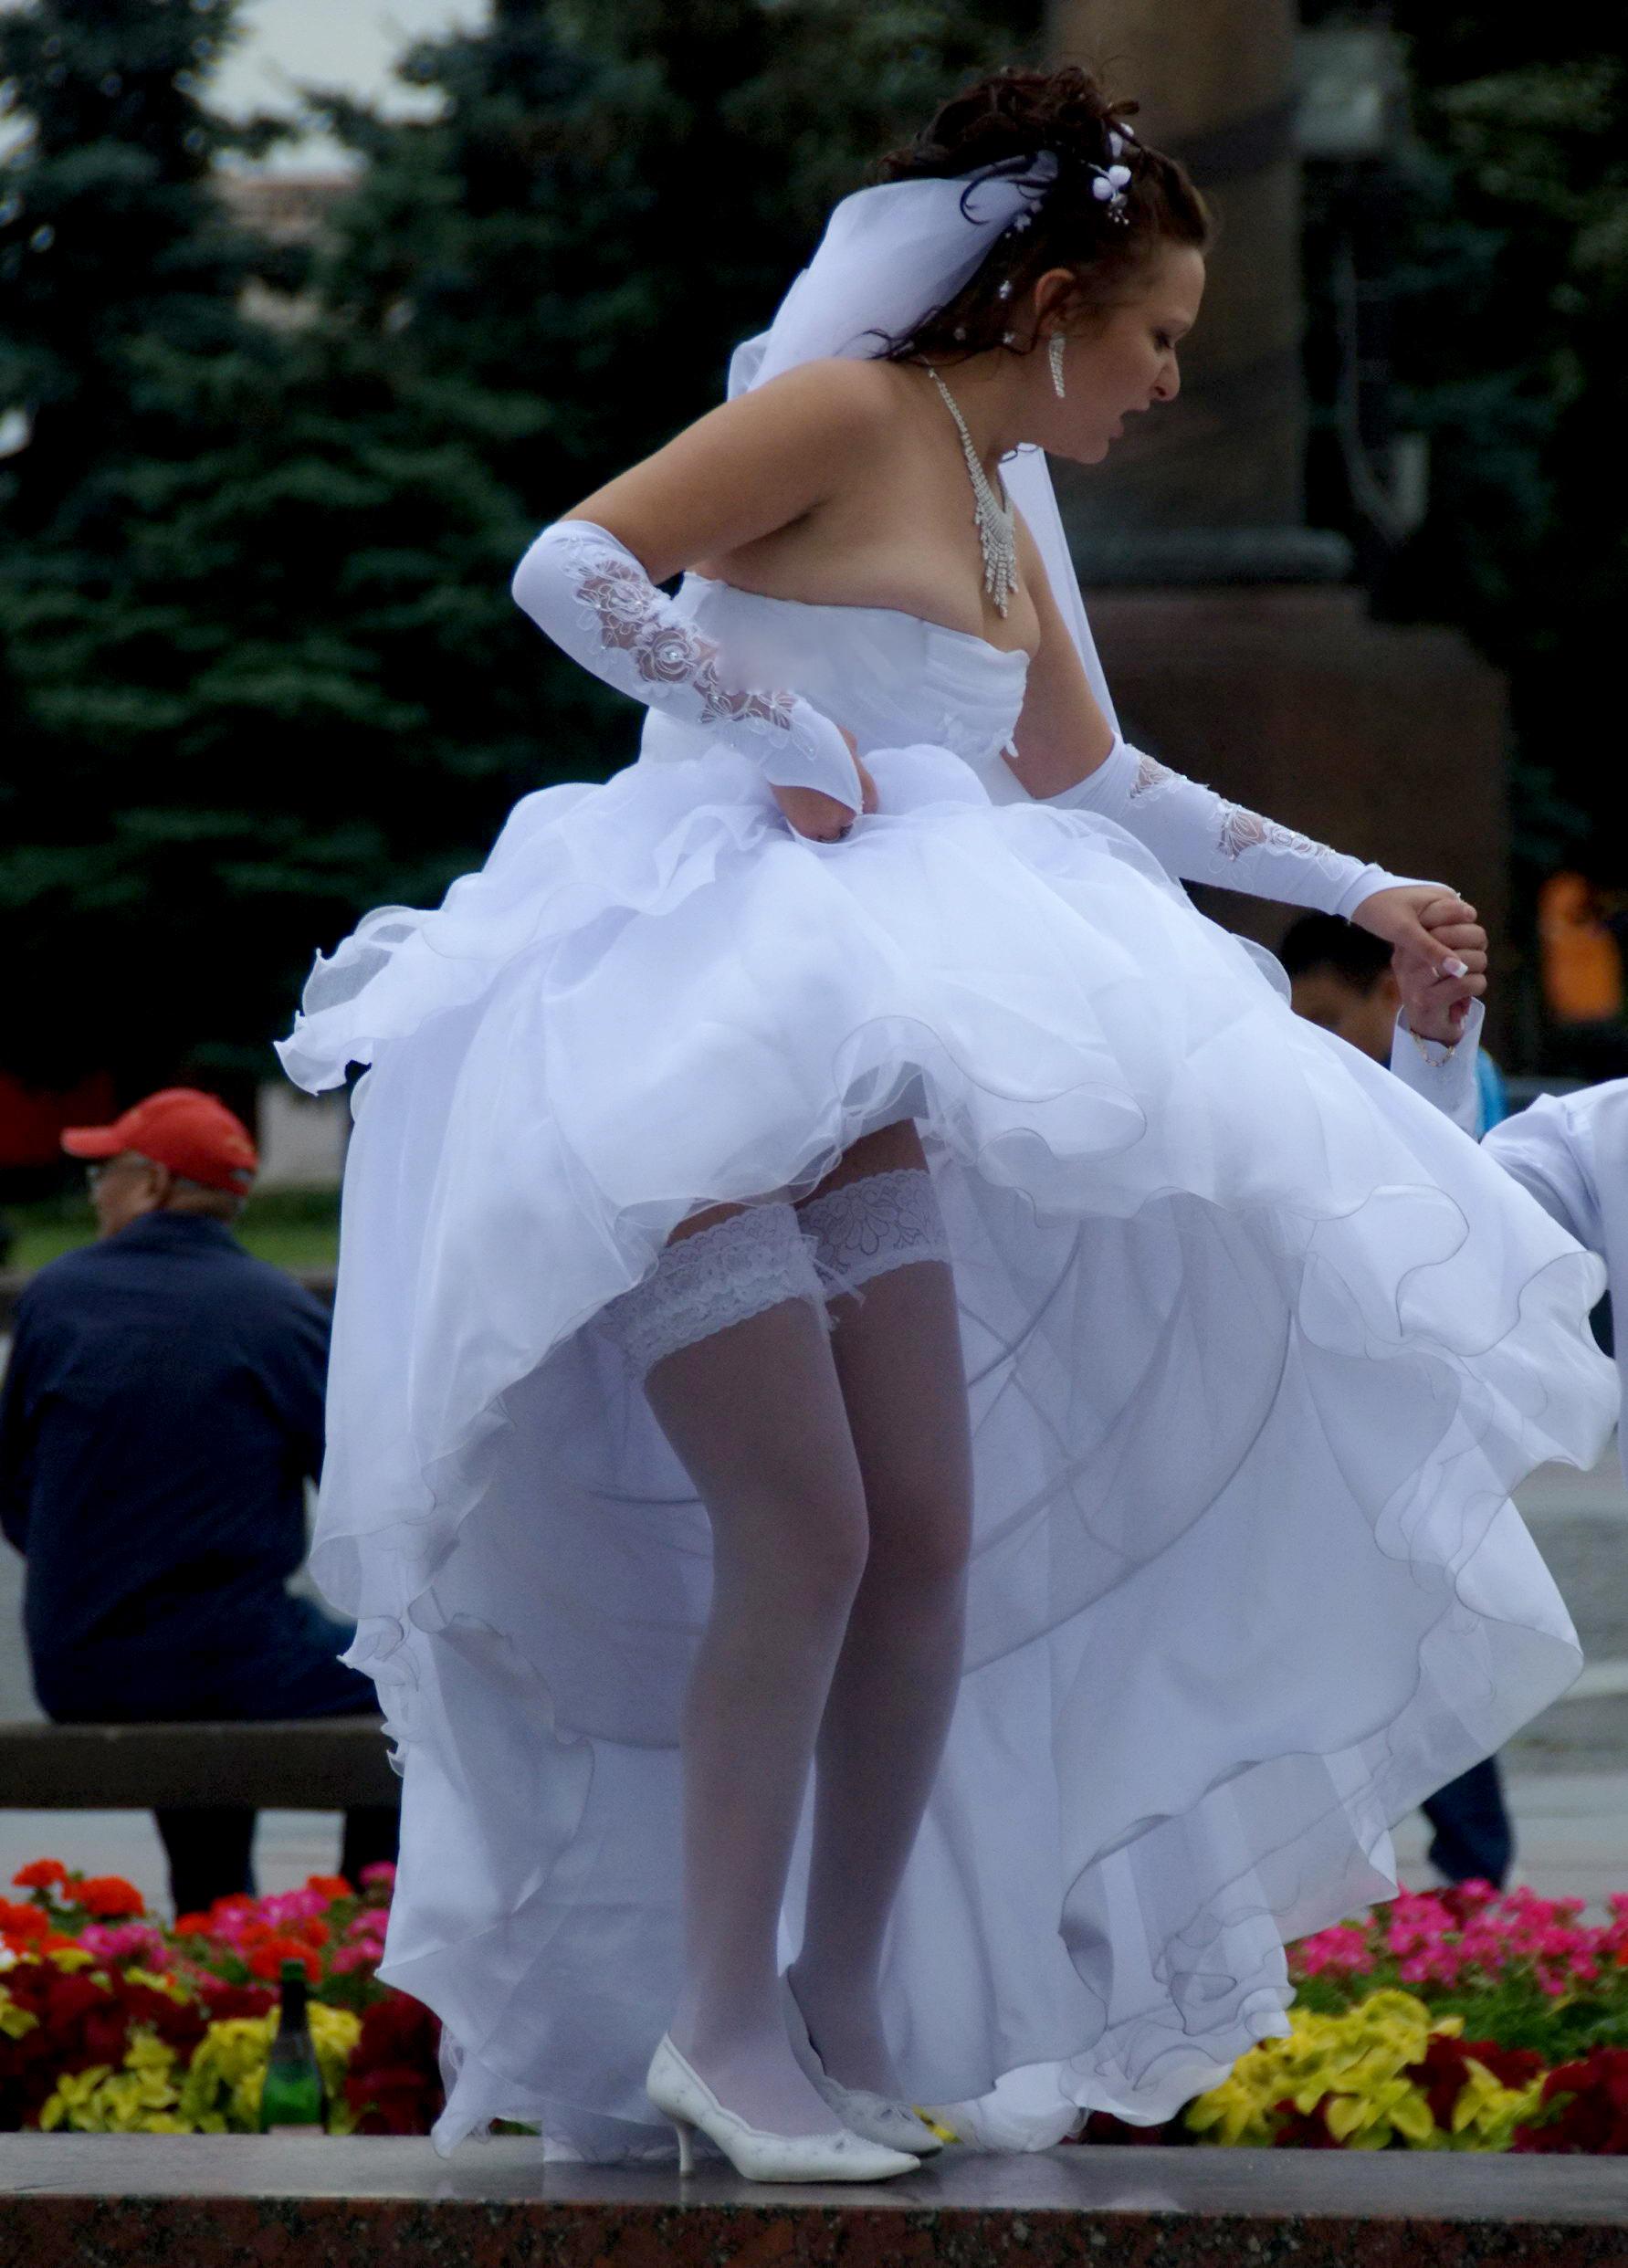 протянул руки под юбкой у невест голос сама направит